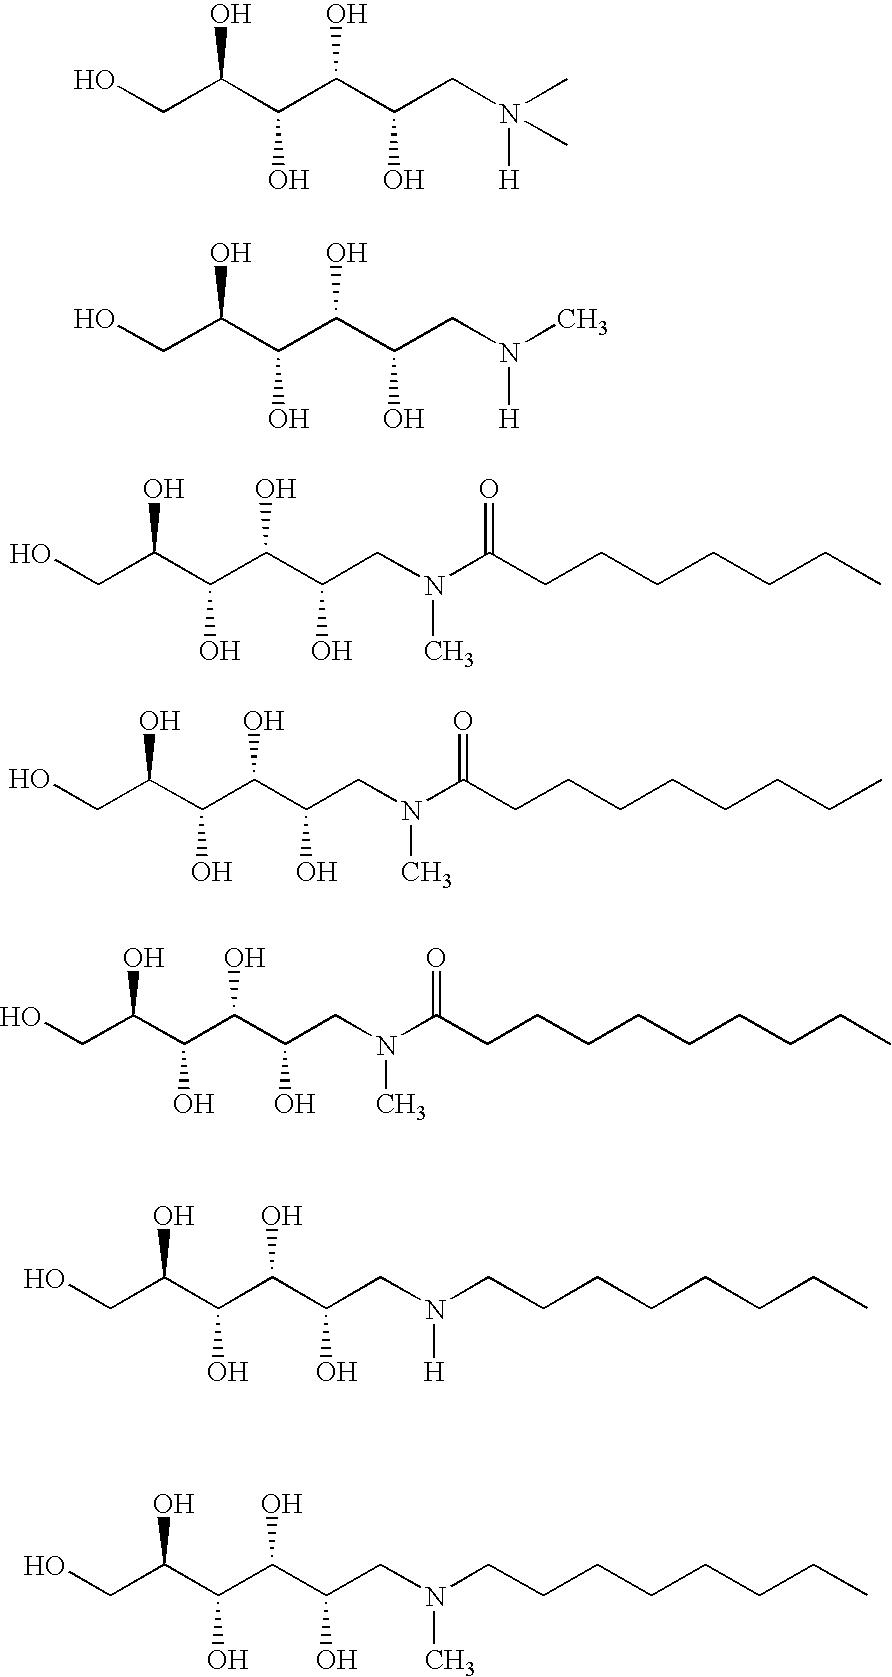 Figure US08445558-20130521-C00003